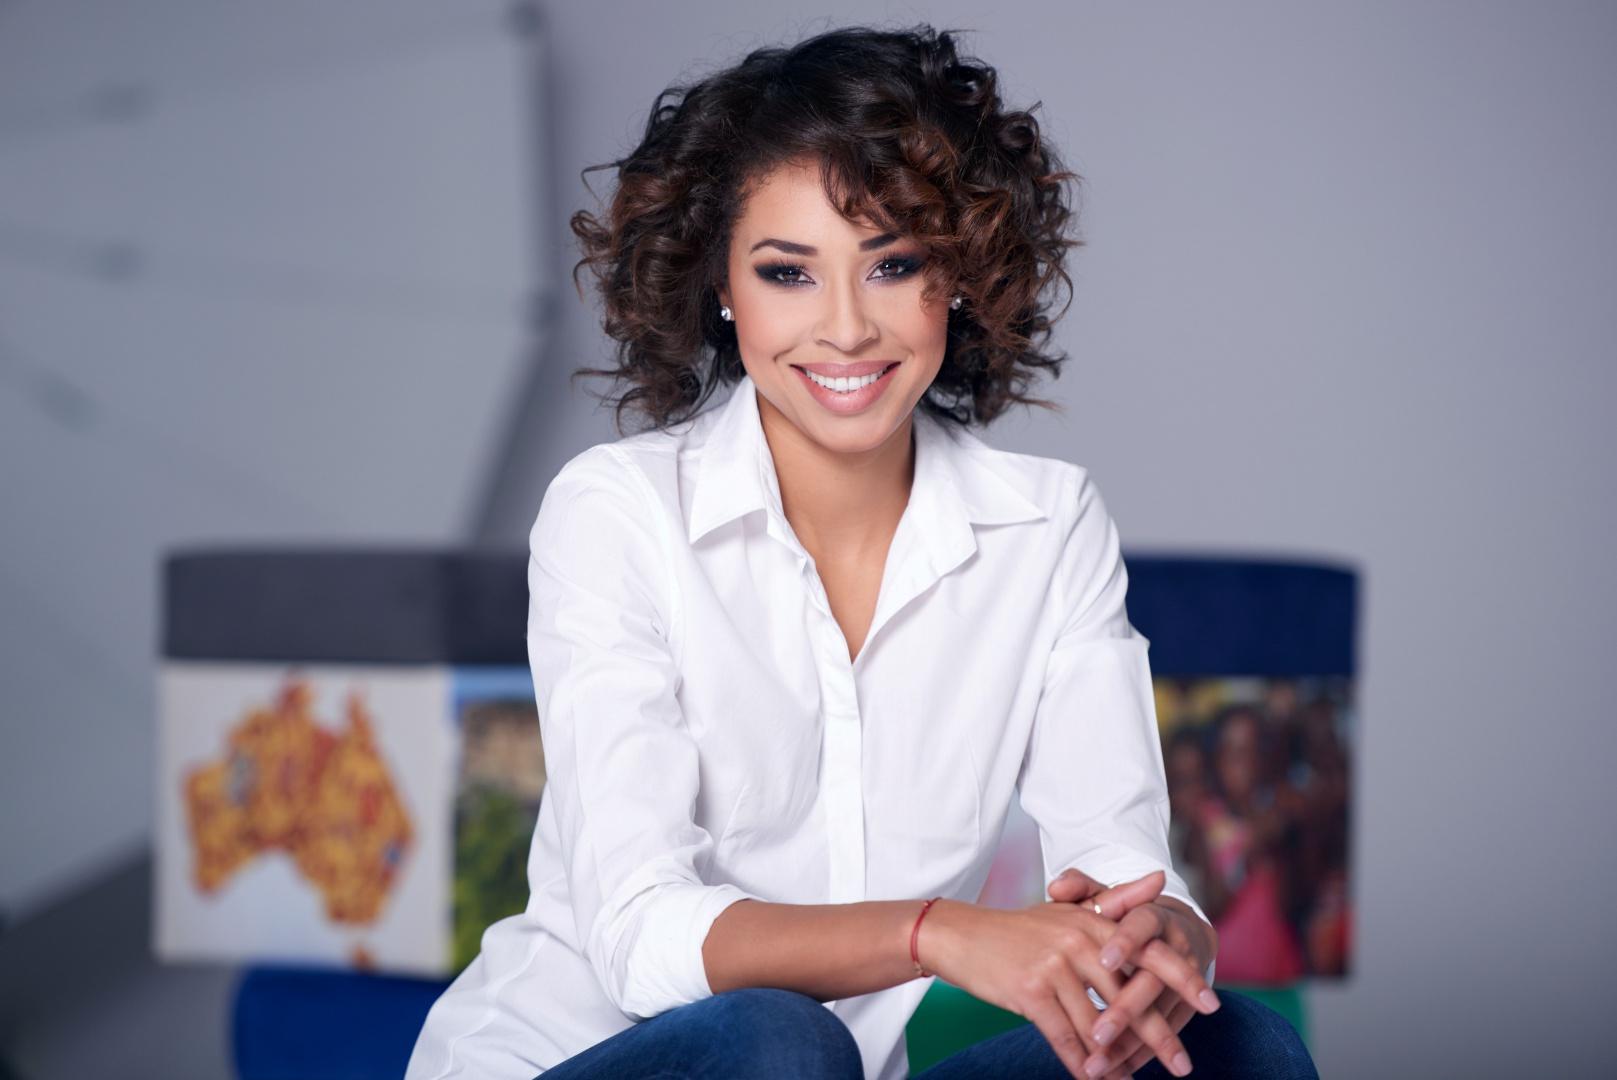 W swojej karierze Omenaa Mensah robiła wiele rzeczy – od bycia właścicielką firmy robiącej egzotyczne fryzury, po napisanie książki kulinarnej. Od kilku lat jest również właścicielką marki mebli Ammadora.